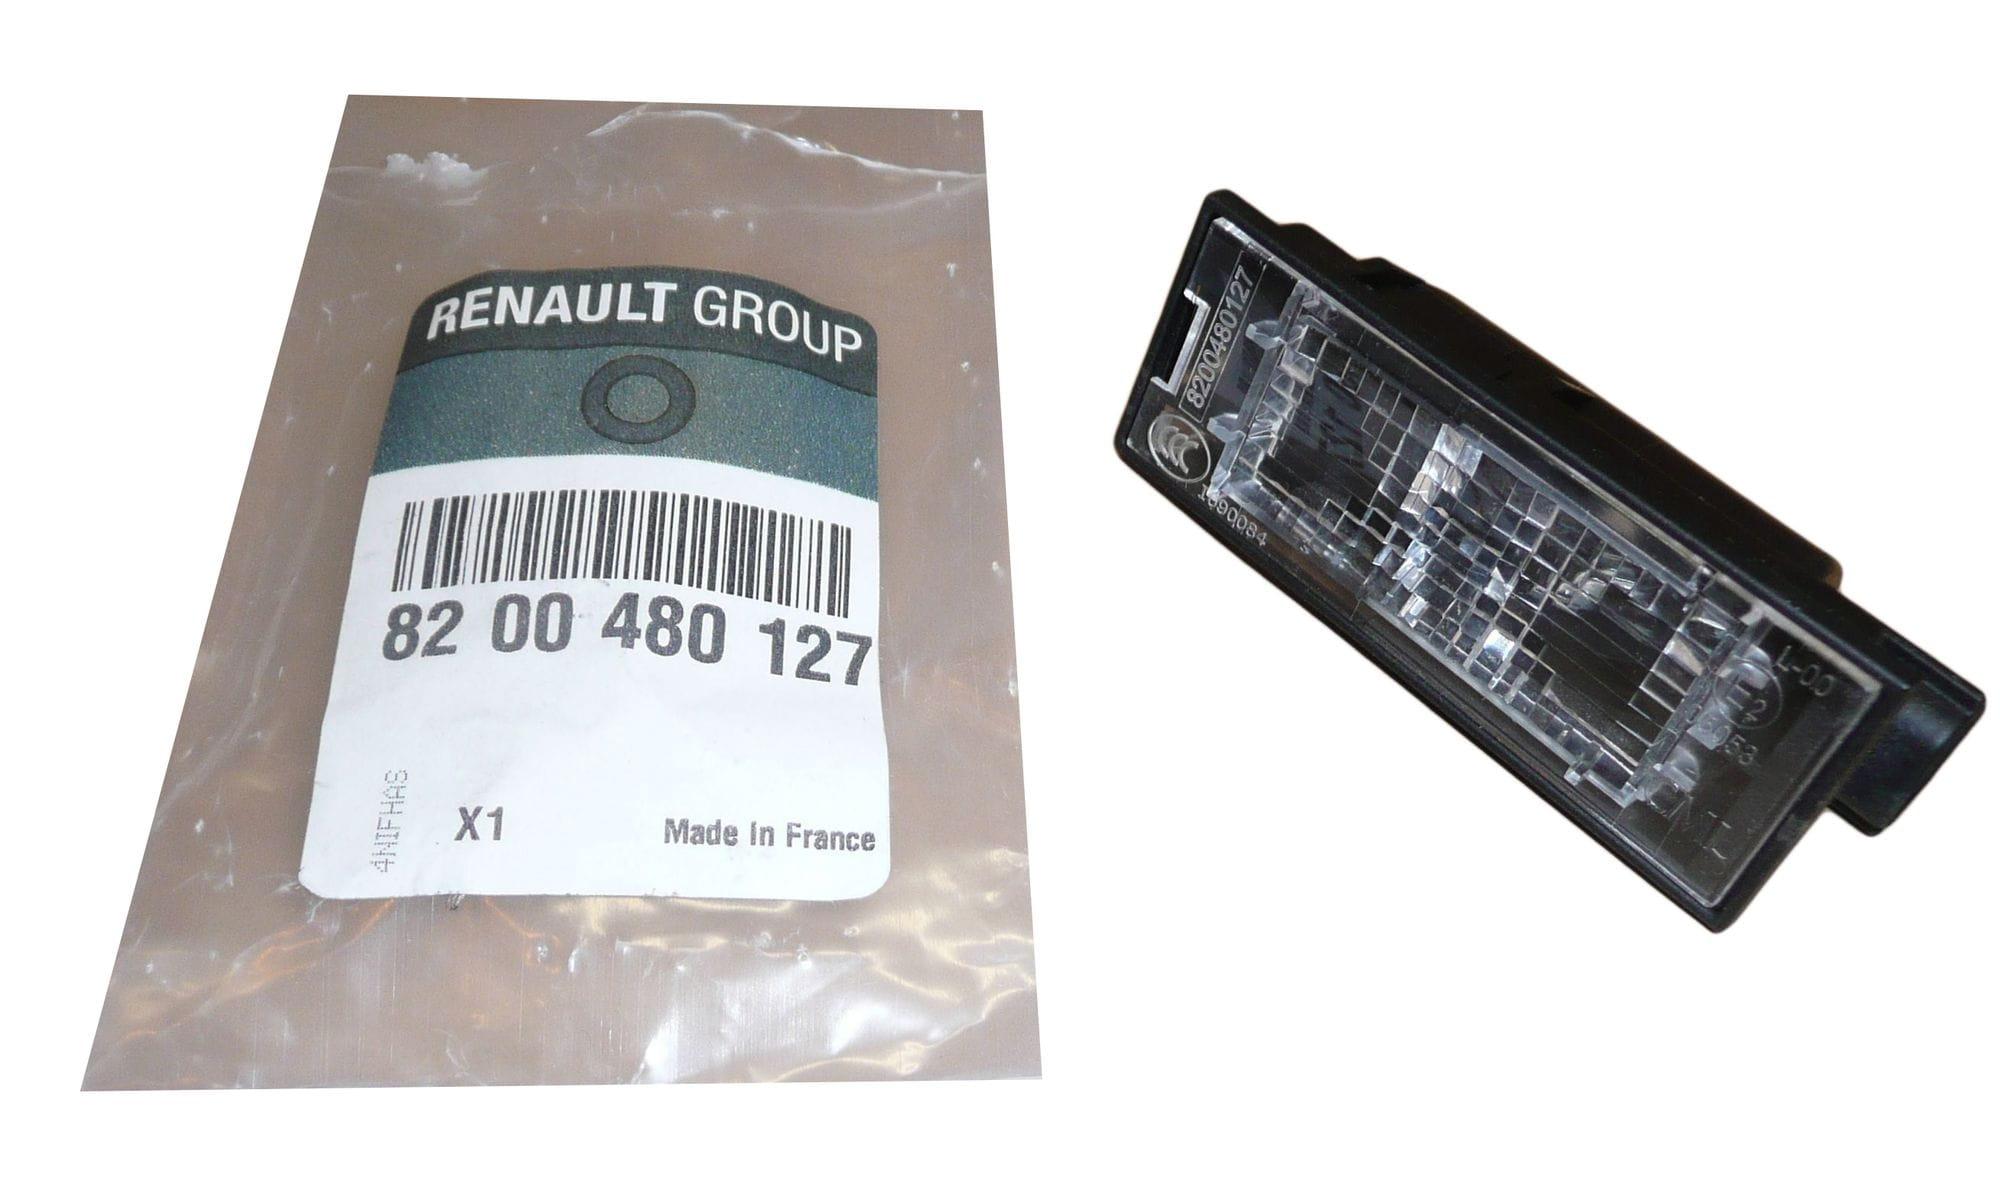 Lampka Oświetlenia Tablicy Rejestracyjnej Renault Laguna Iii Clio Iii 8200480127 Oryginał